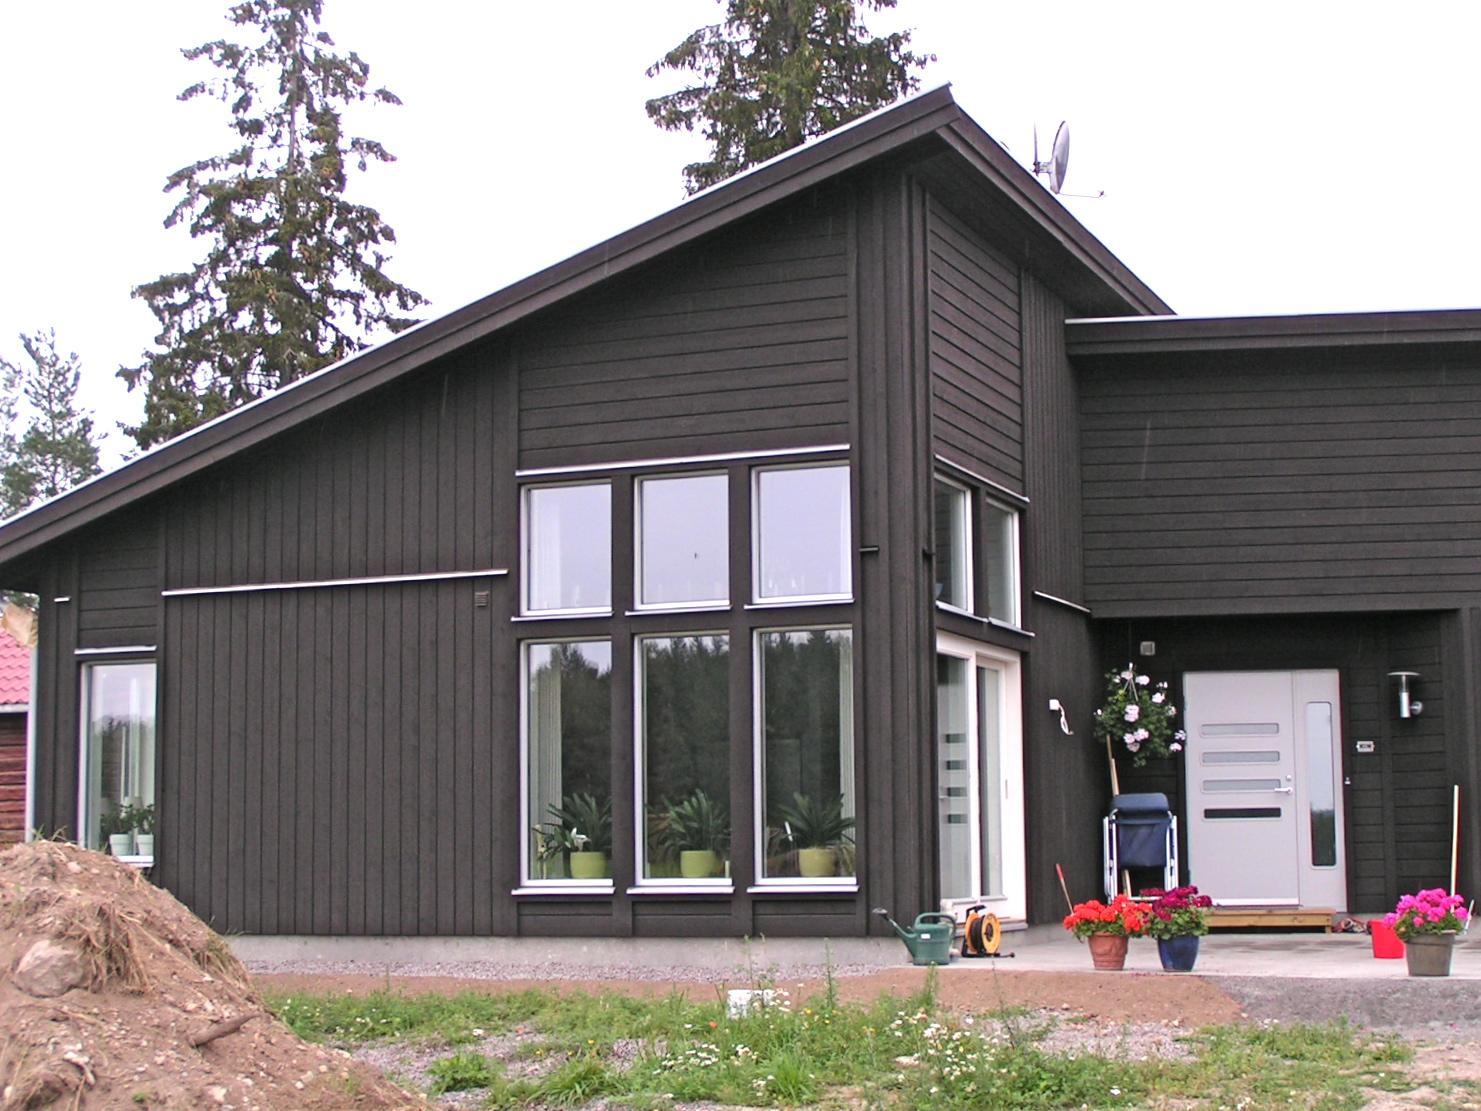 beize tipps f r holzauswahl und bearbeitung von moose f rg. Black Bedroom Furniture Sets. Home Design Ideas